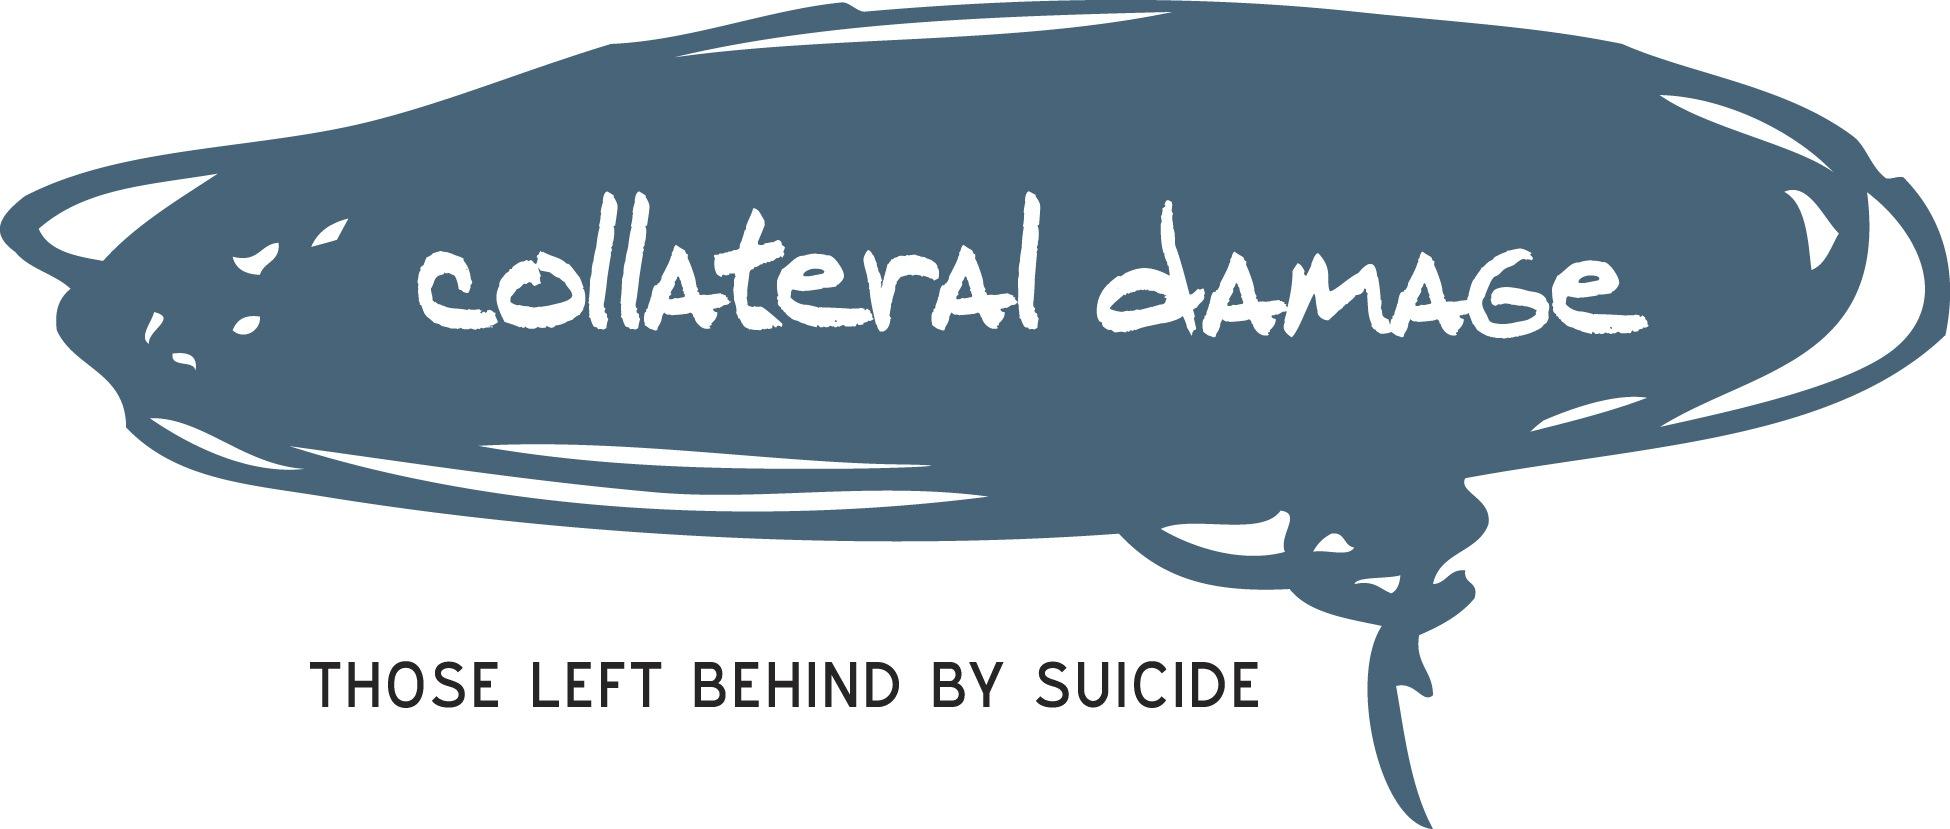 Help Break the Stigma on Suicide